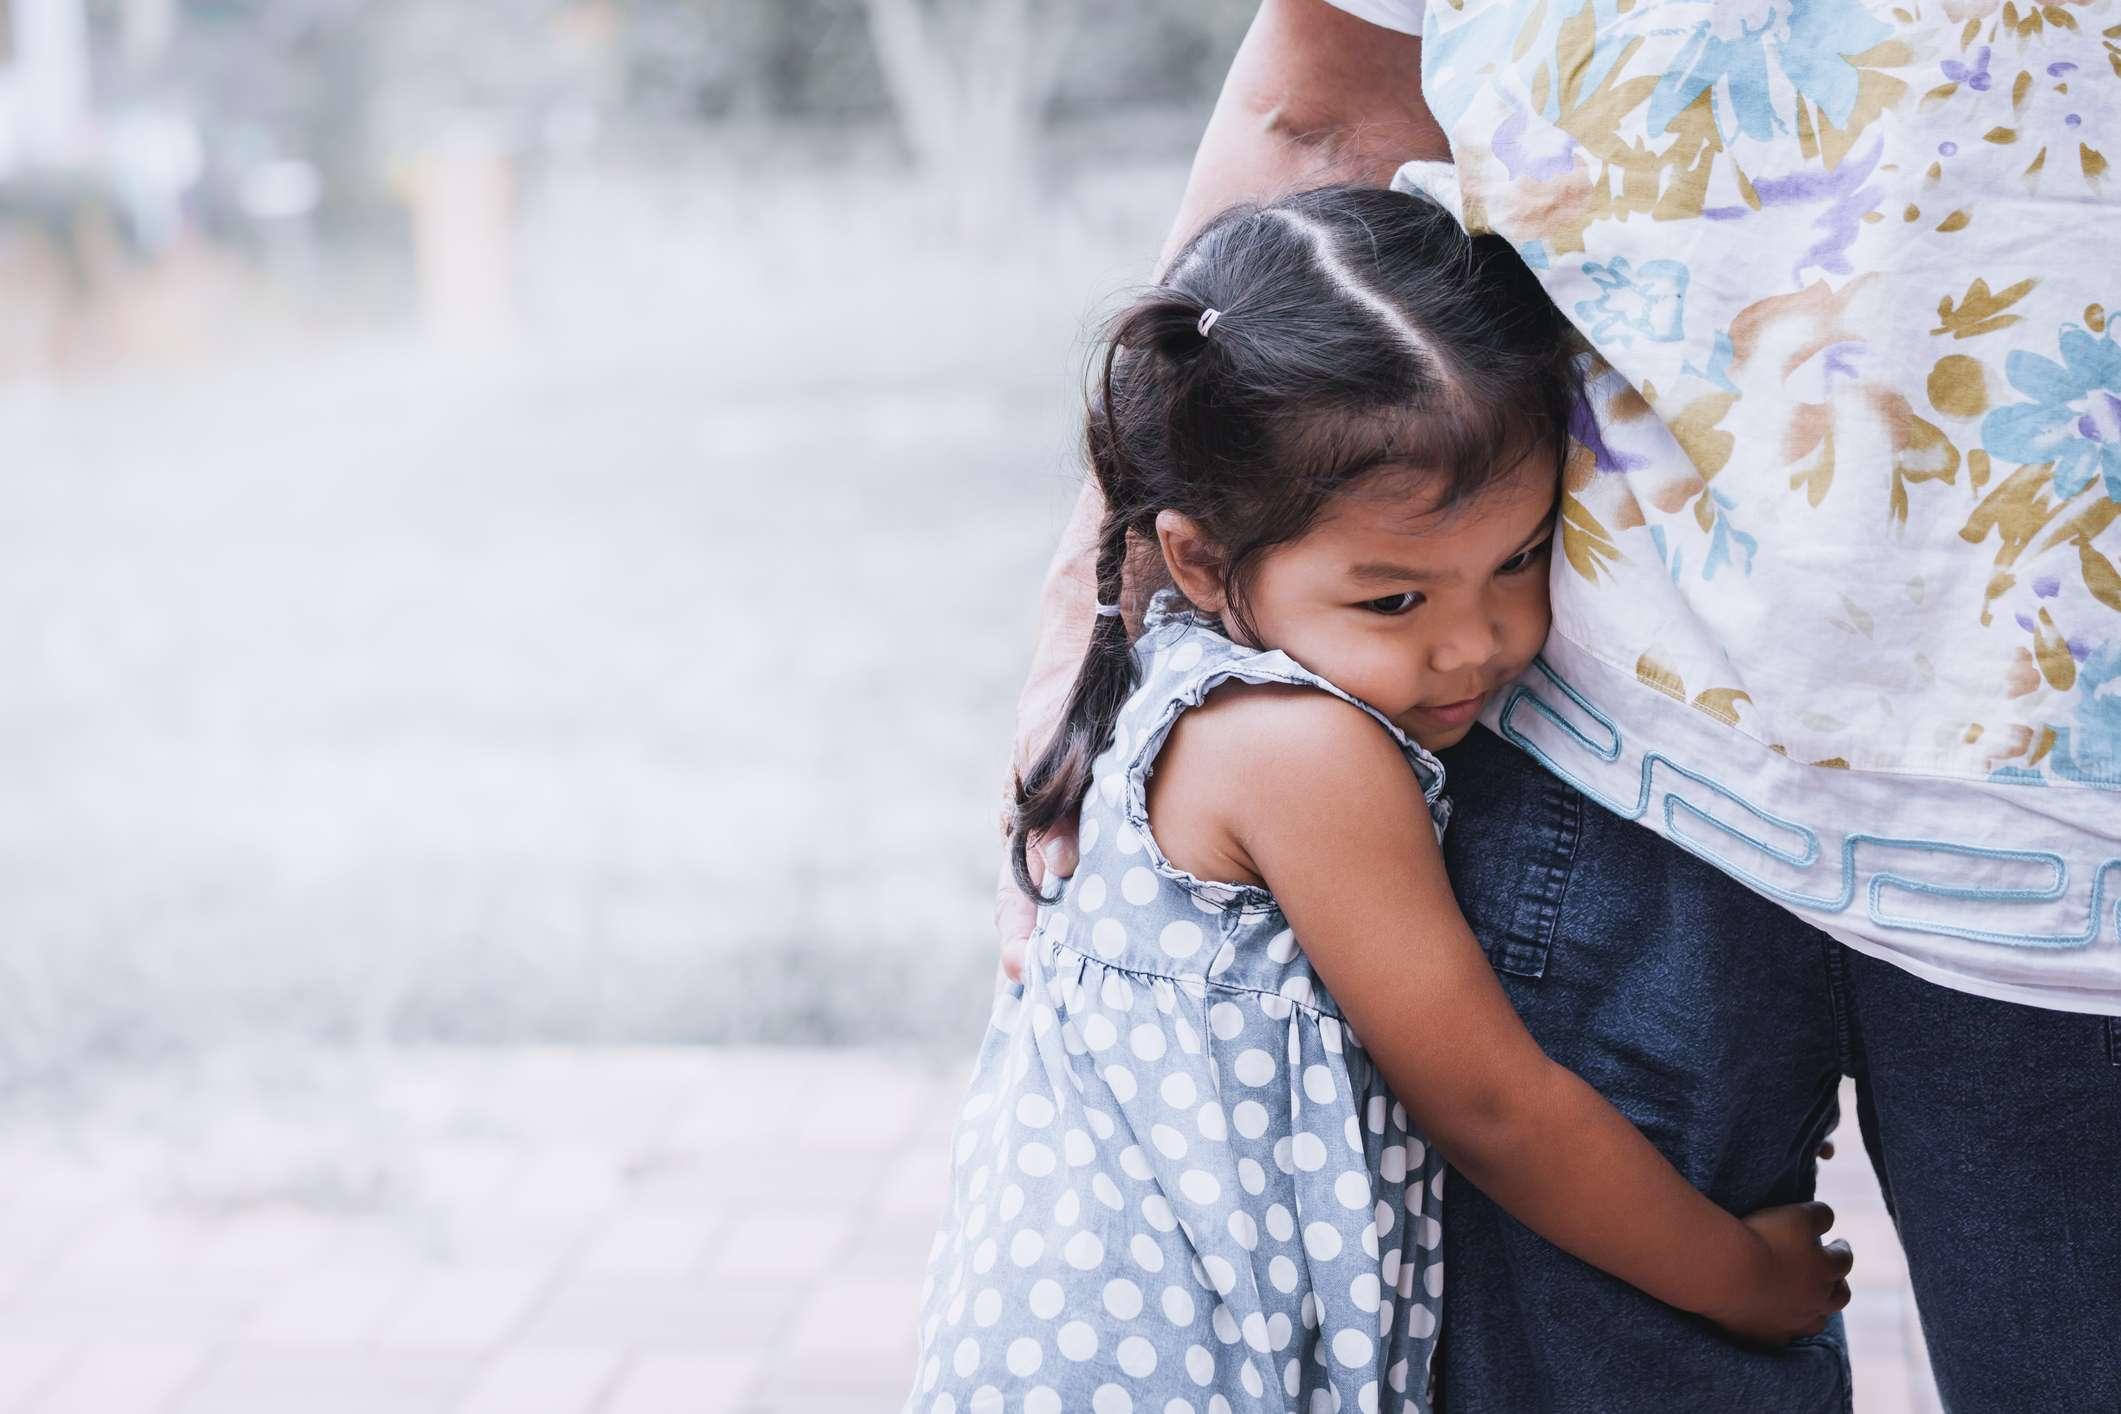 बच्चों में चिंता के गंभीर लक्षणों को दूर करने के लिए मनोवैज्ञानिकों का क्या सुझाव है?